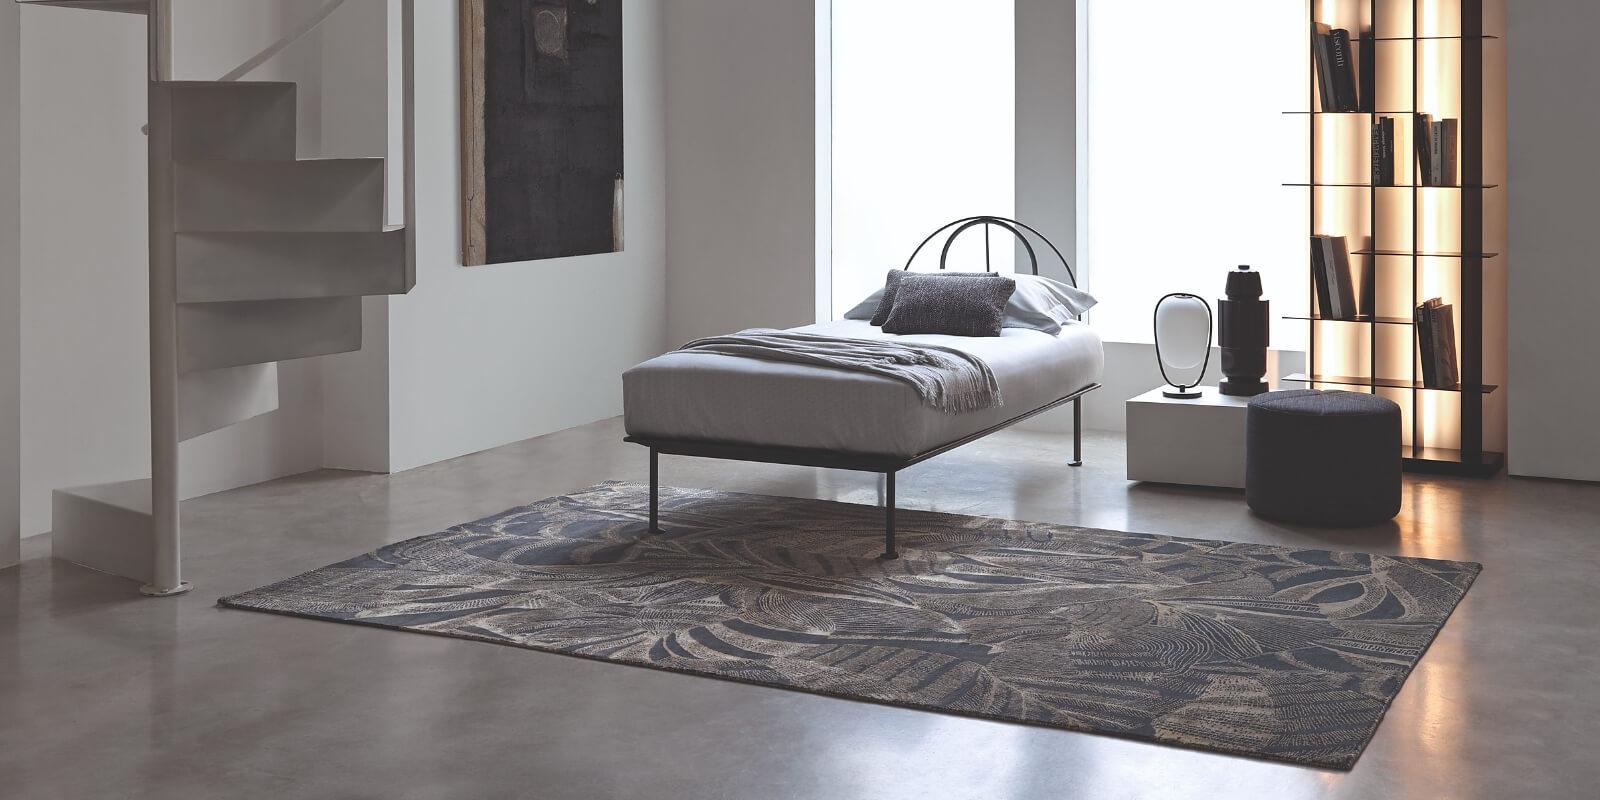 tappeto moderno a fiori